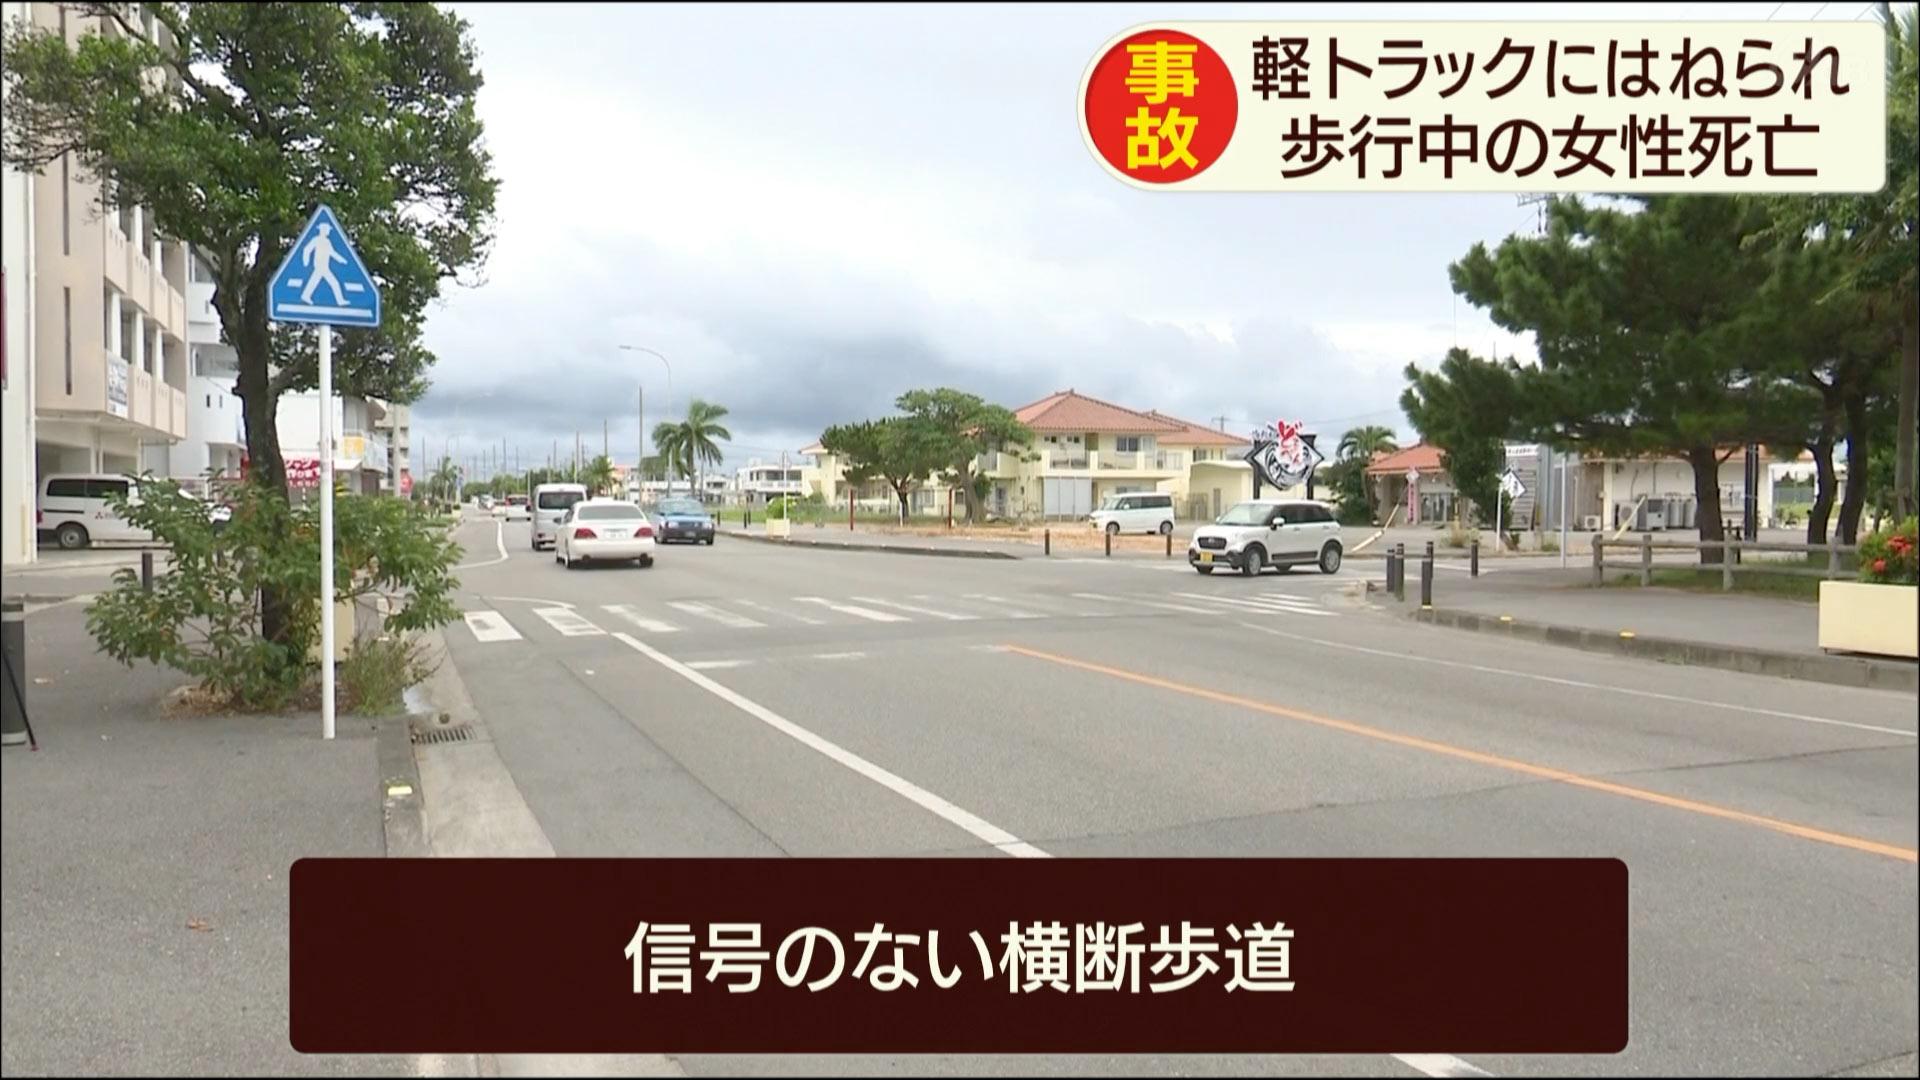 石垣市で女性が軽トラックにはねられる 女性が死亡